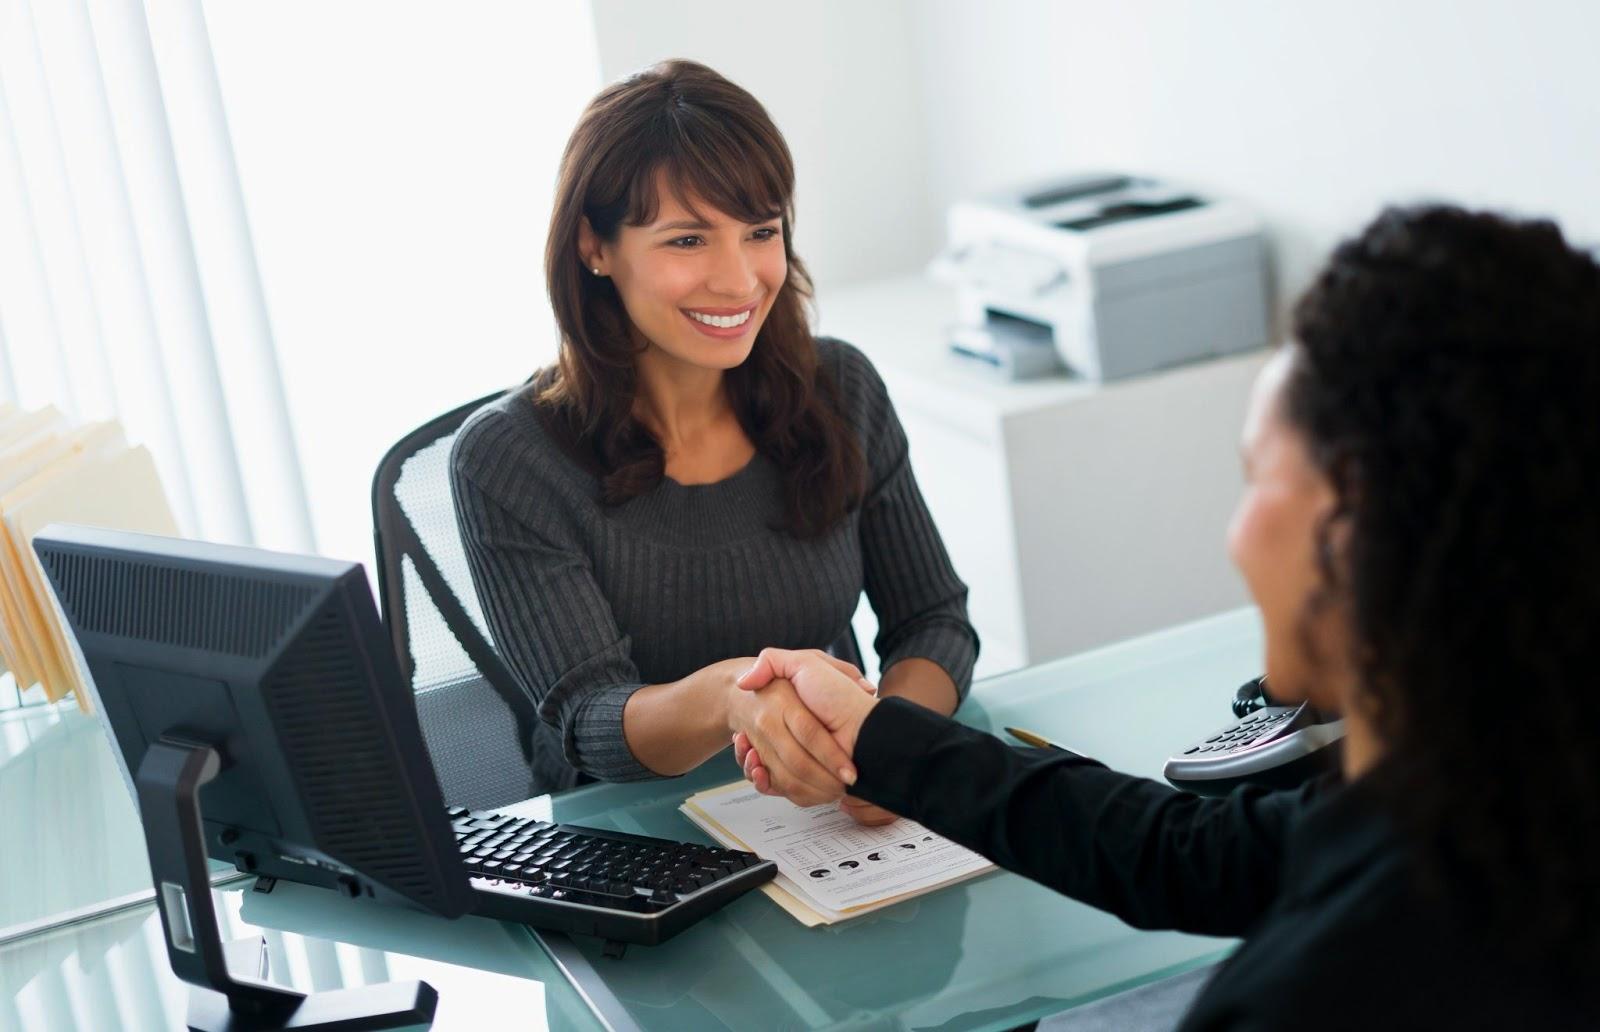 conseguir trabajo, conseguir empleo, contratado, empleo, tips para conseguir trabajo, tips para encontrar empleo